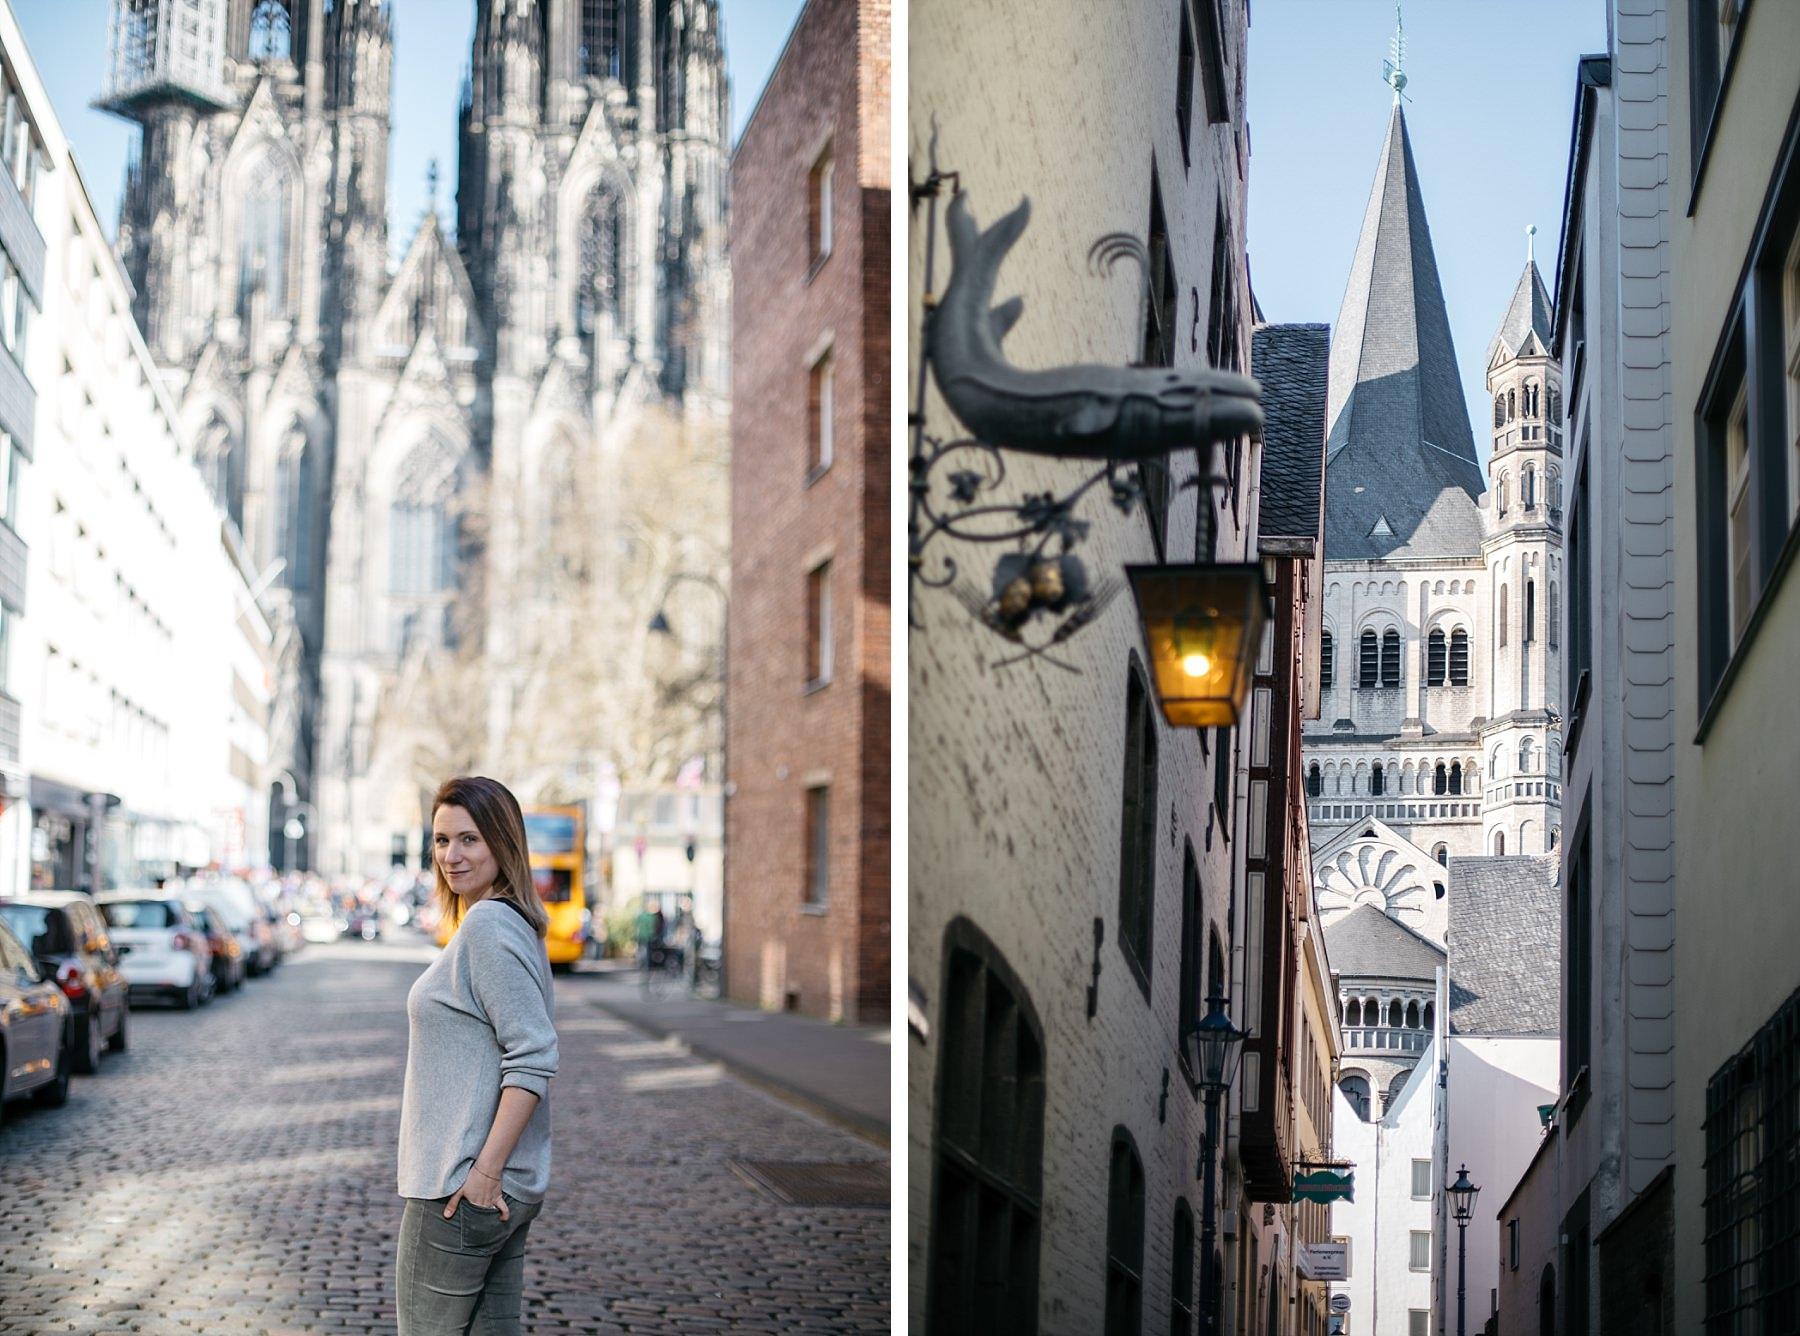 Cologne cathédrale vue extérieure